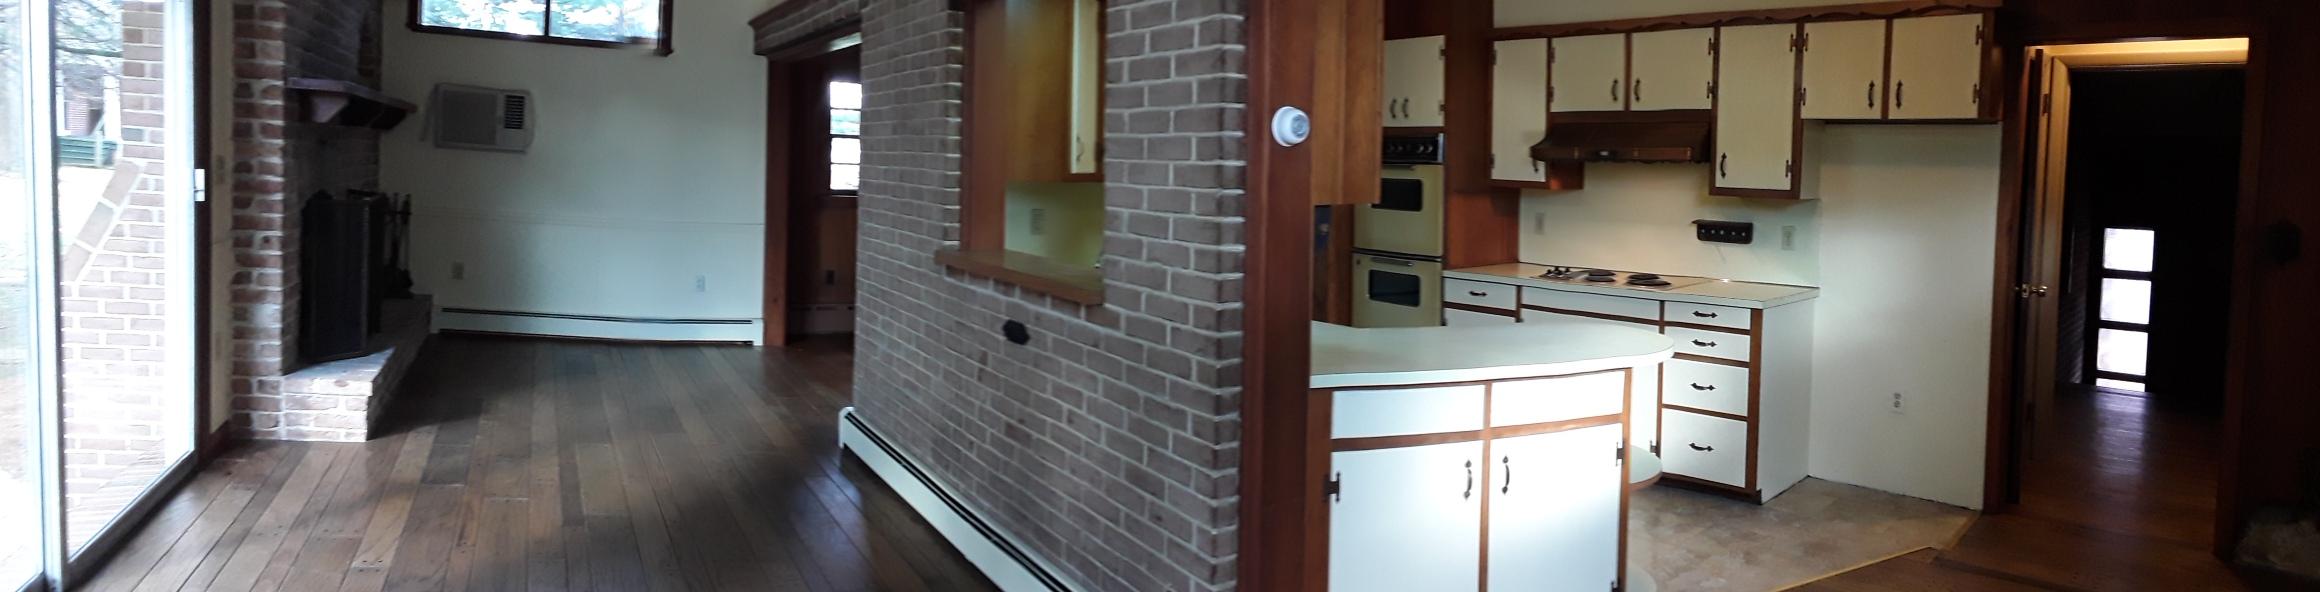 before_kitchen panoramic.jpg